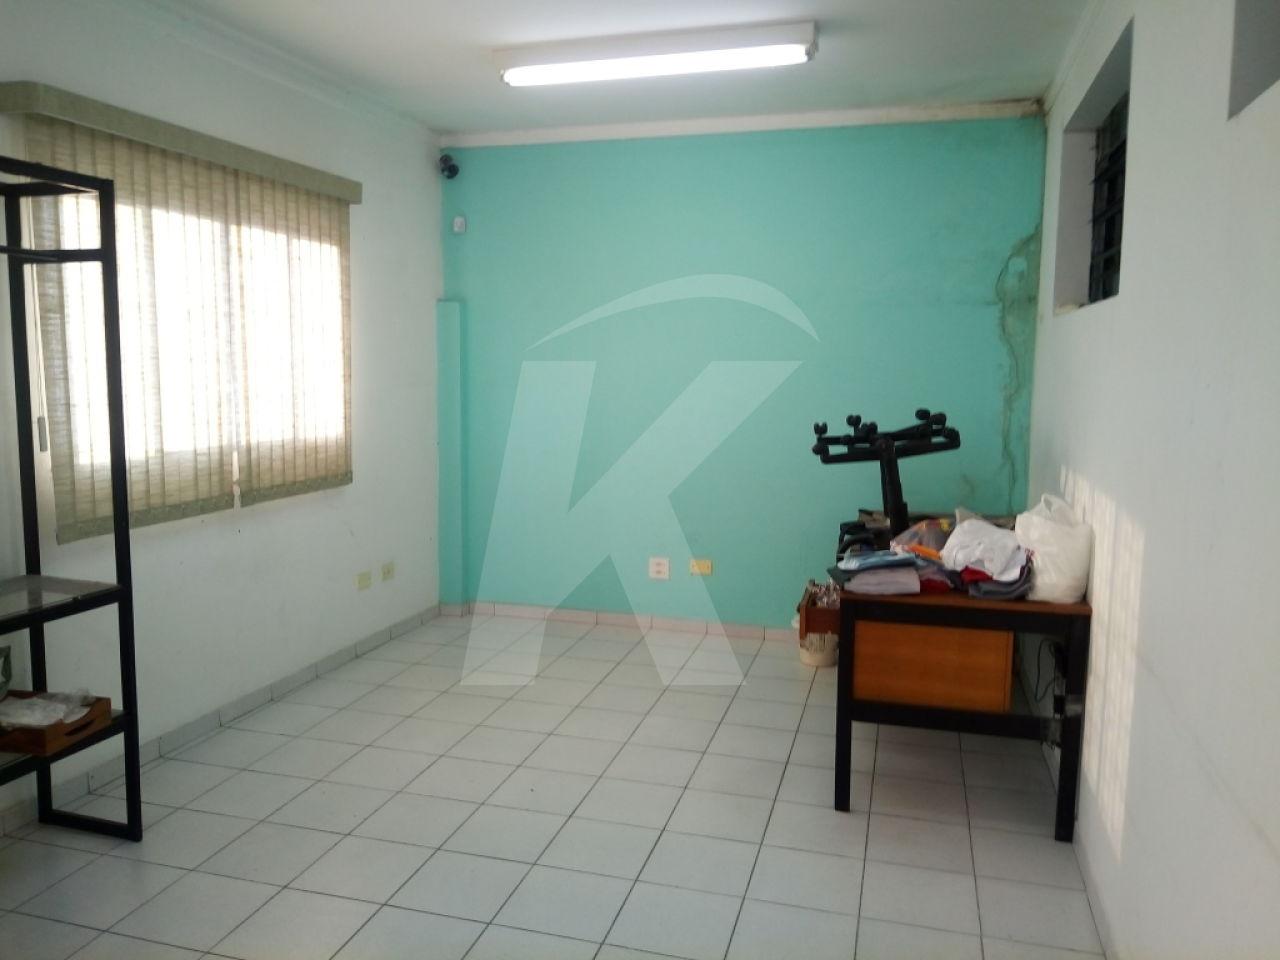 Comercial Vila Ede -  Dormitório(s) - São Paulo - SP - REF. KA2546